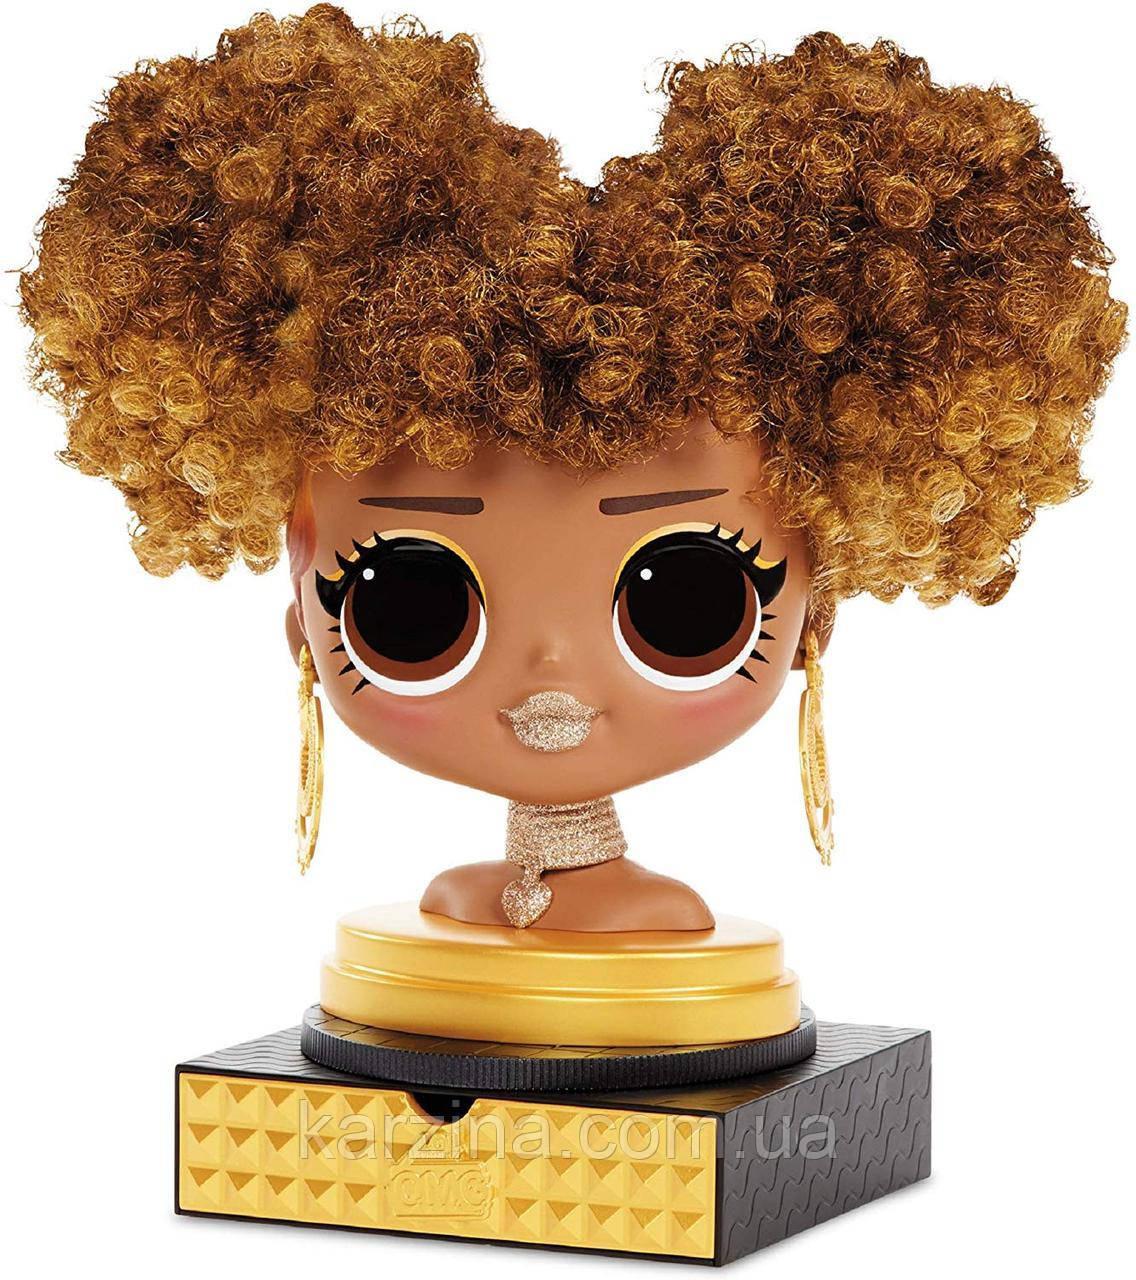 L.O.L. Surprise O.M.G. Голова манекен для причесок стайлин Королева Пчелка Оригинал MGA Styling Head Royal Bee